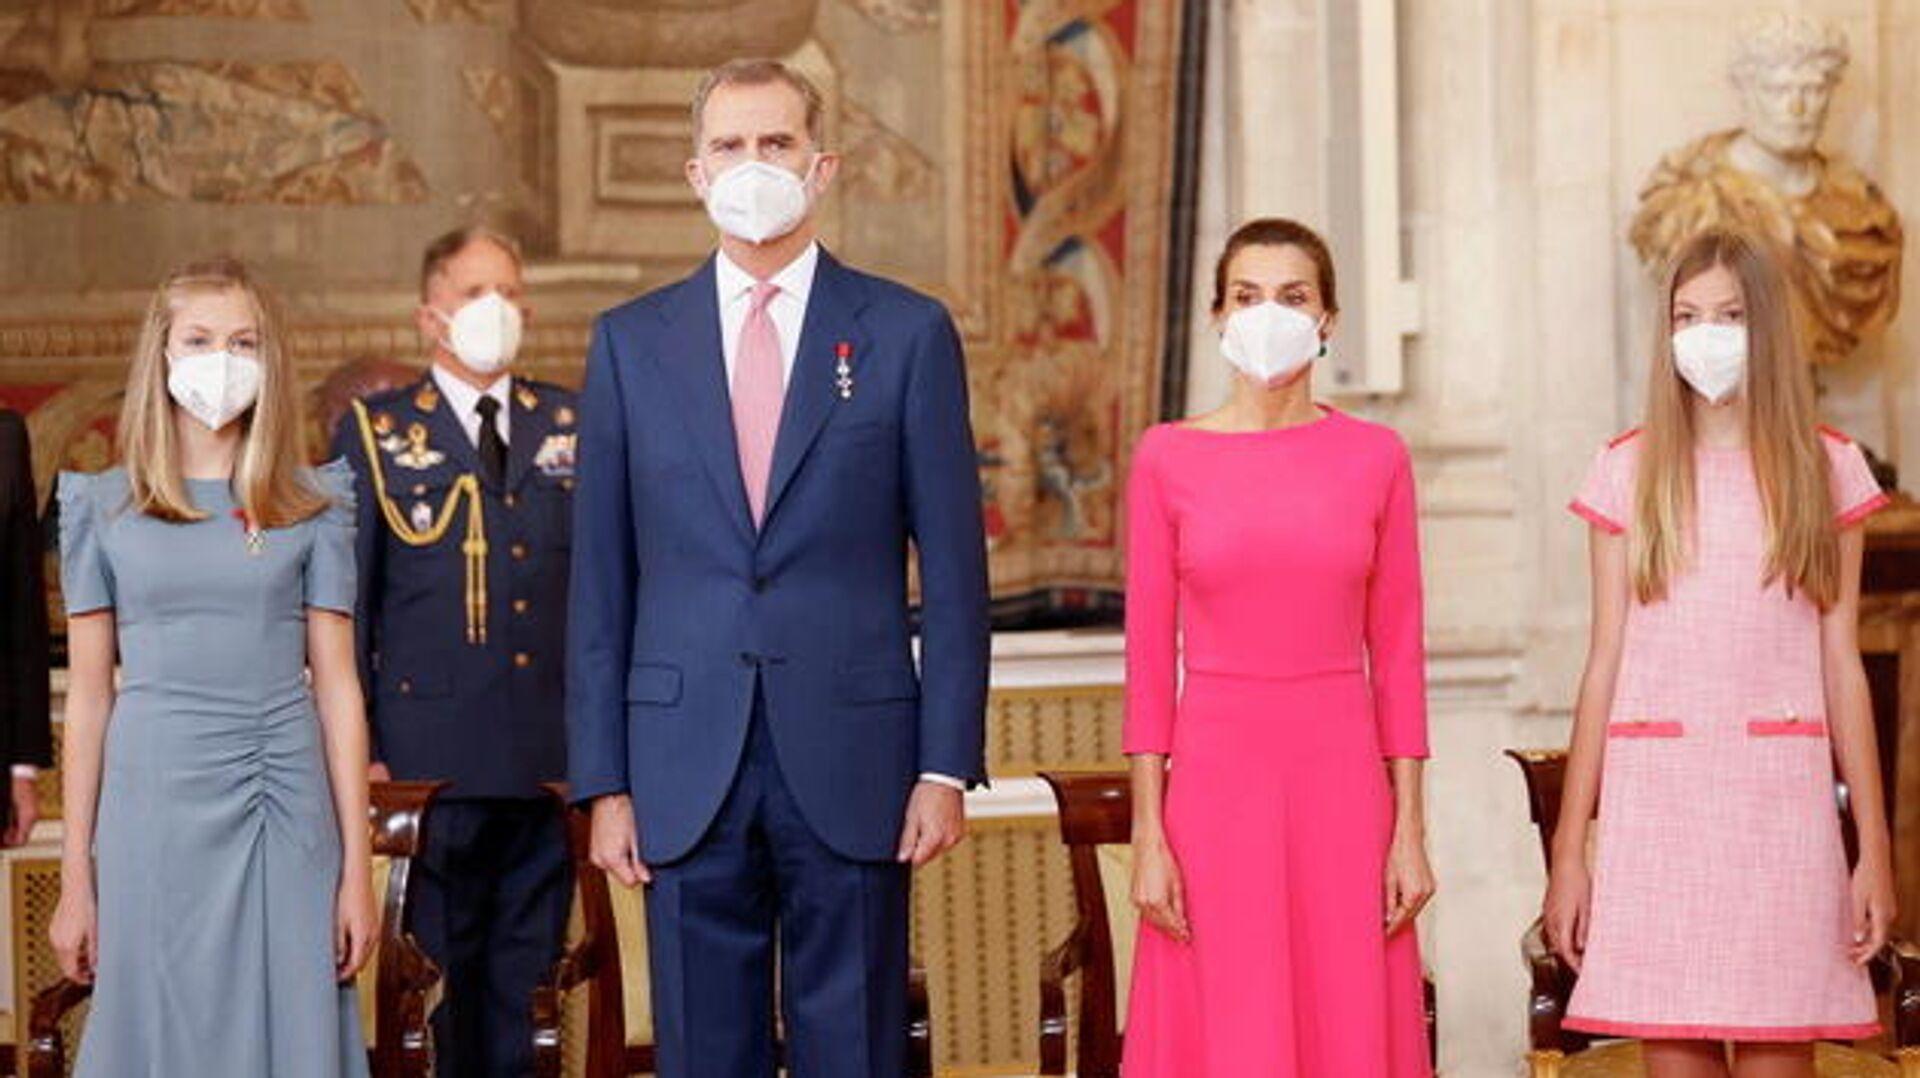 El rey de España condecora a 24 ciudadanos por su labor contra la pandemia - Sputnik Mundo, 1920, 18.06.2021